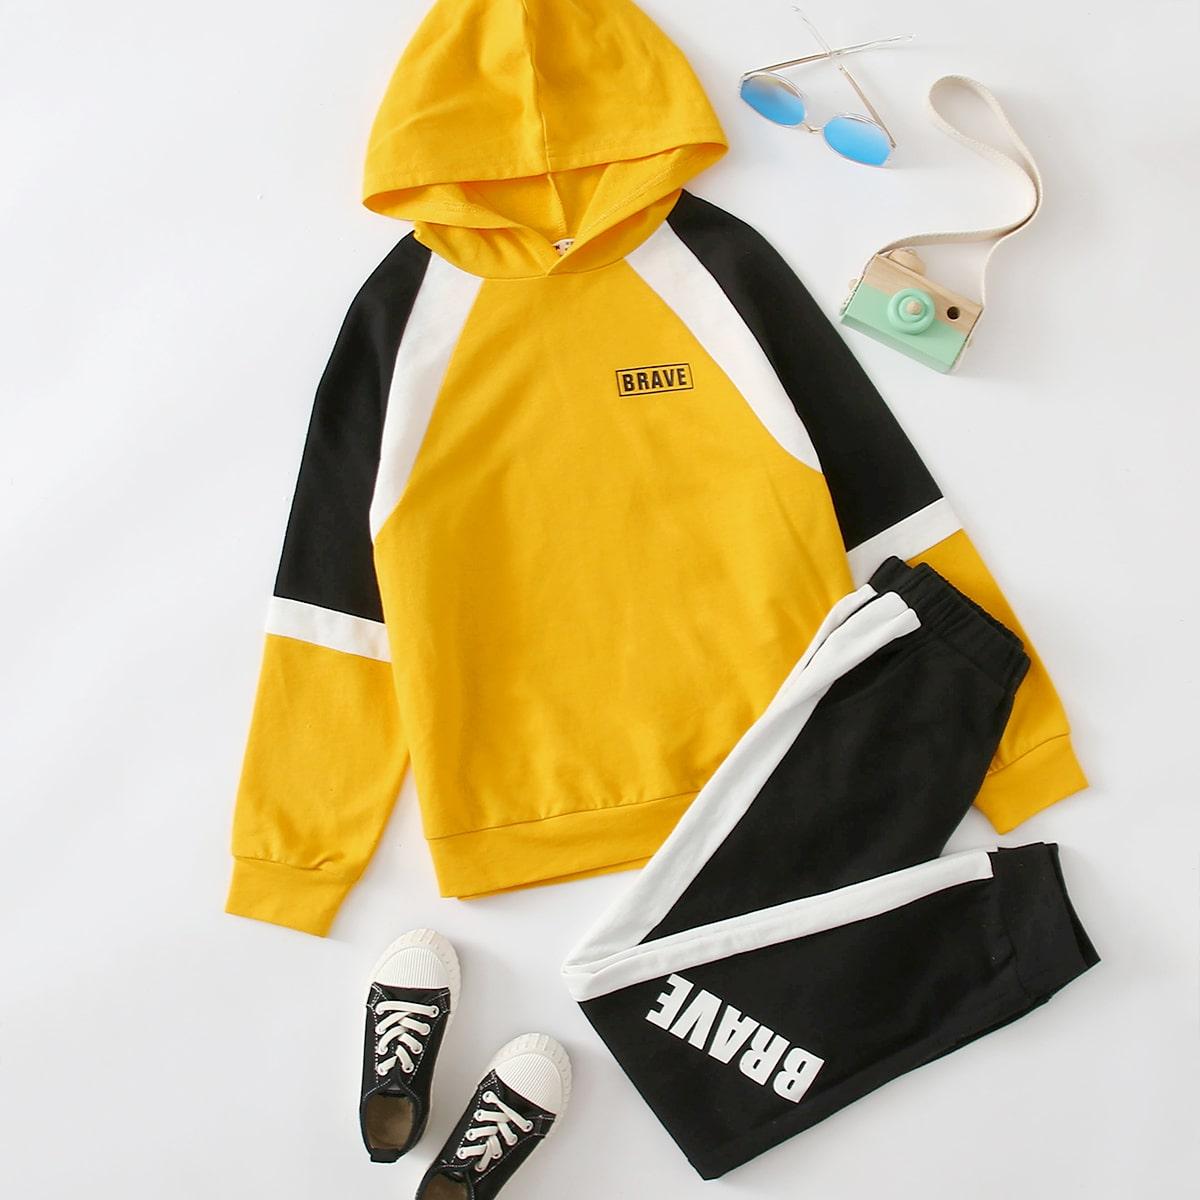 Спортивные брюки и толстовка с текстовым принтом для мальчиков